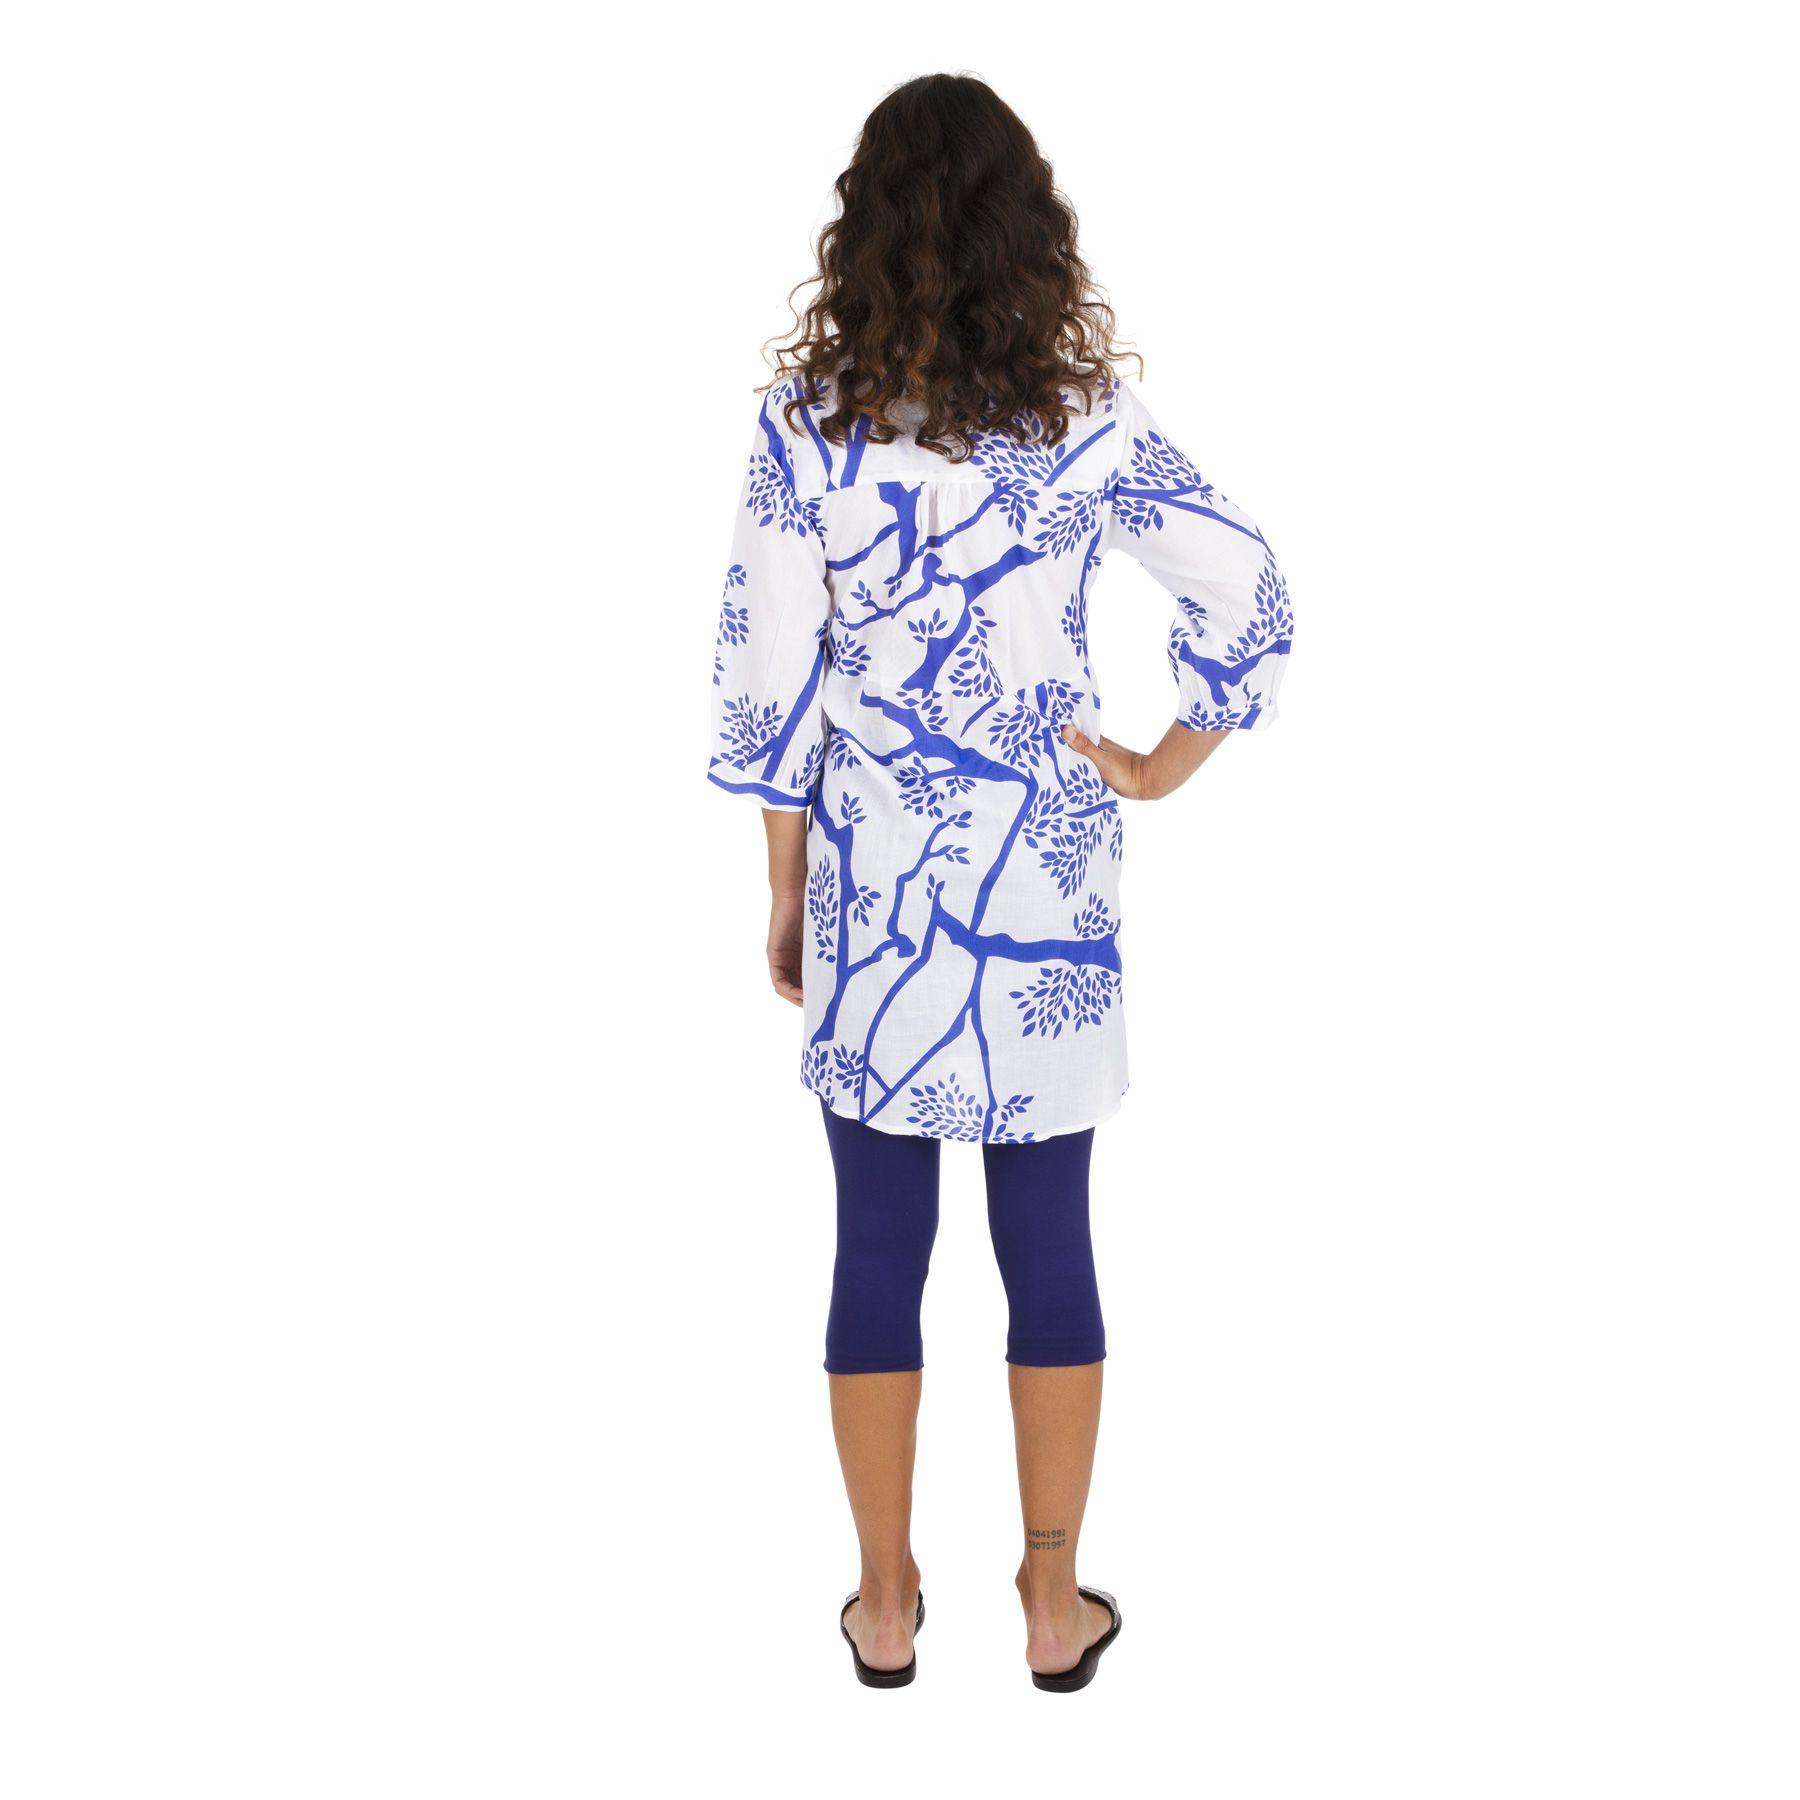 Tunique originale pour femme légère style chemise Paola